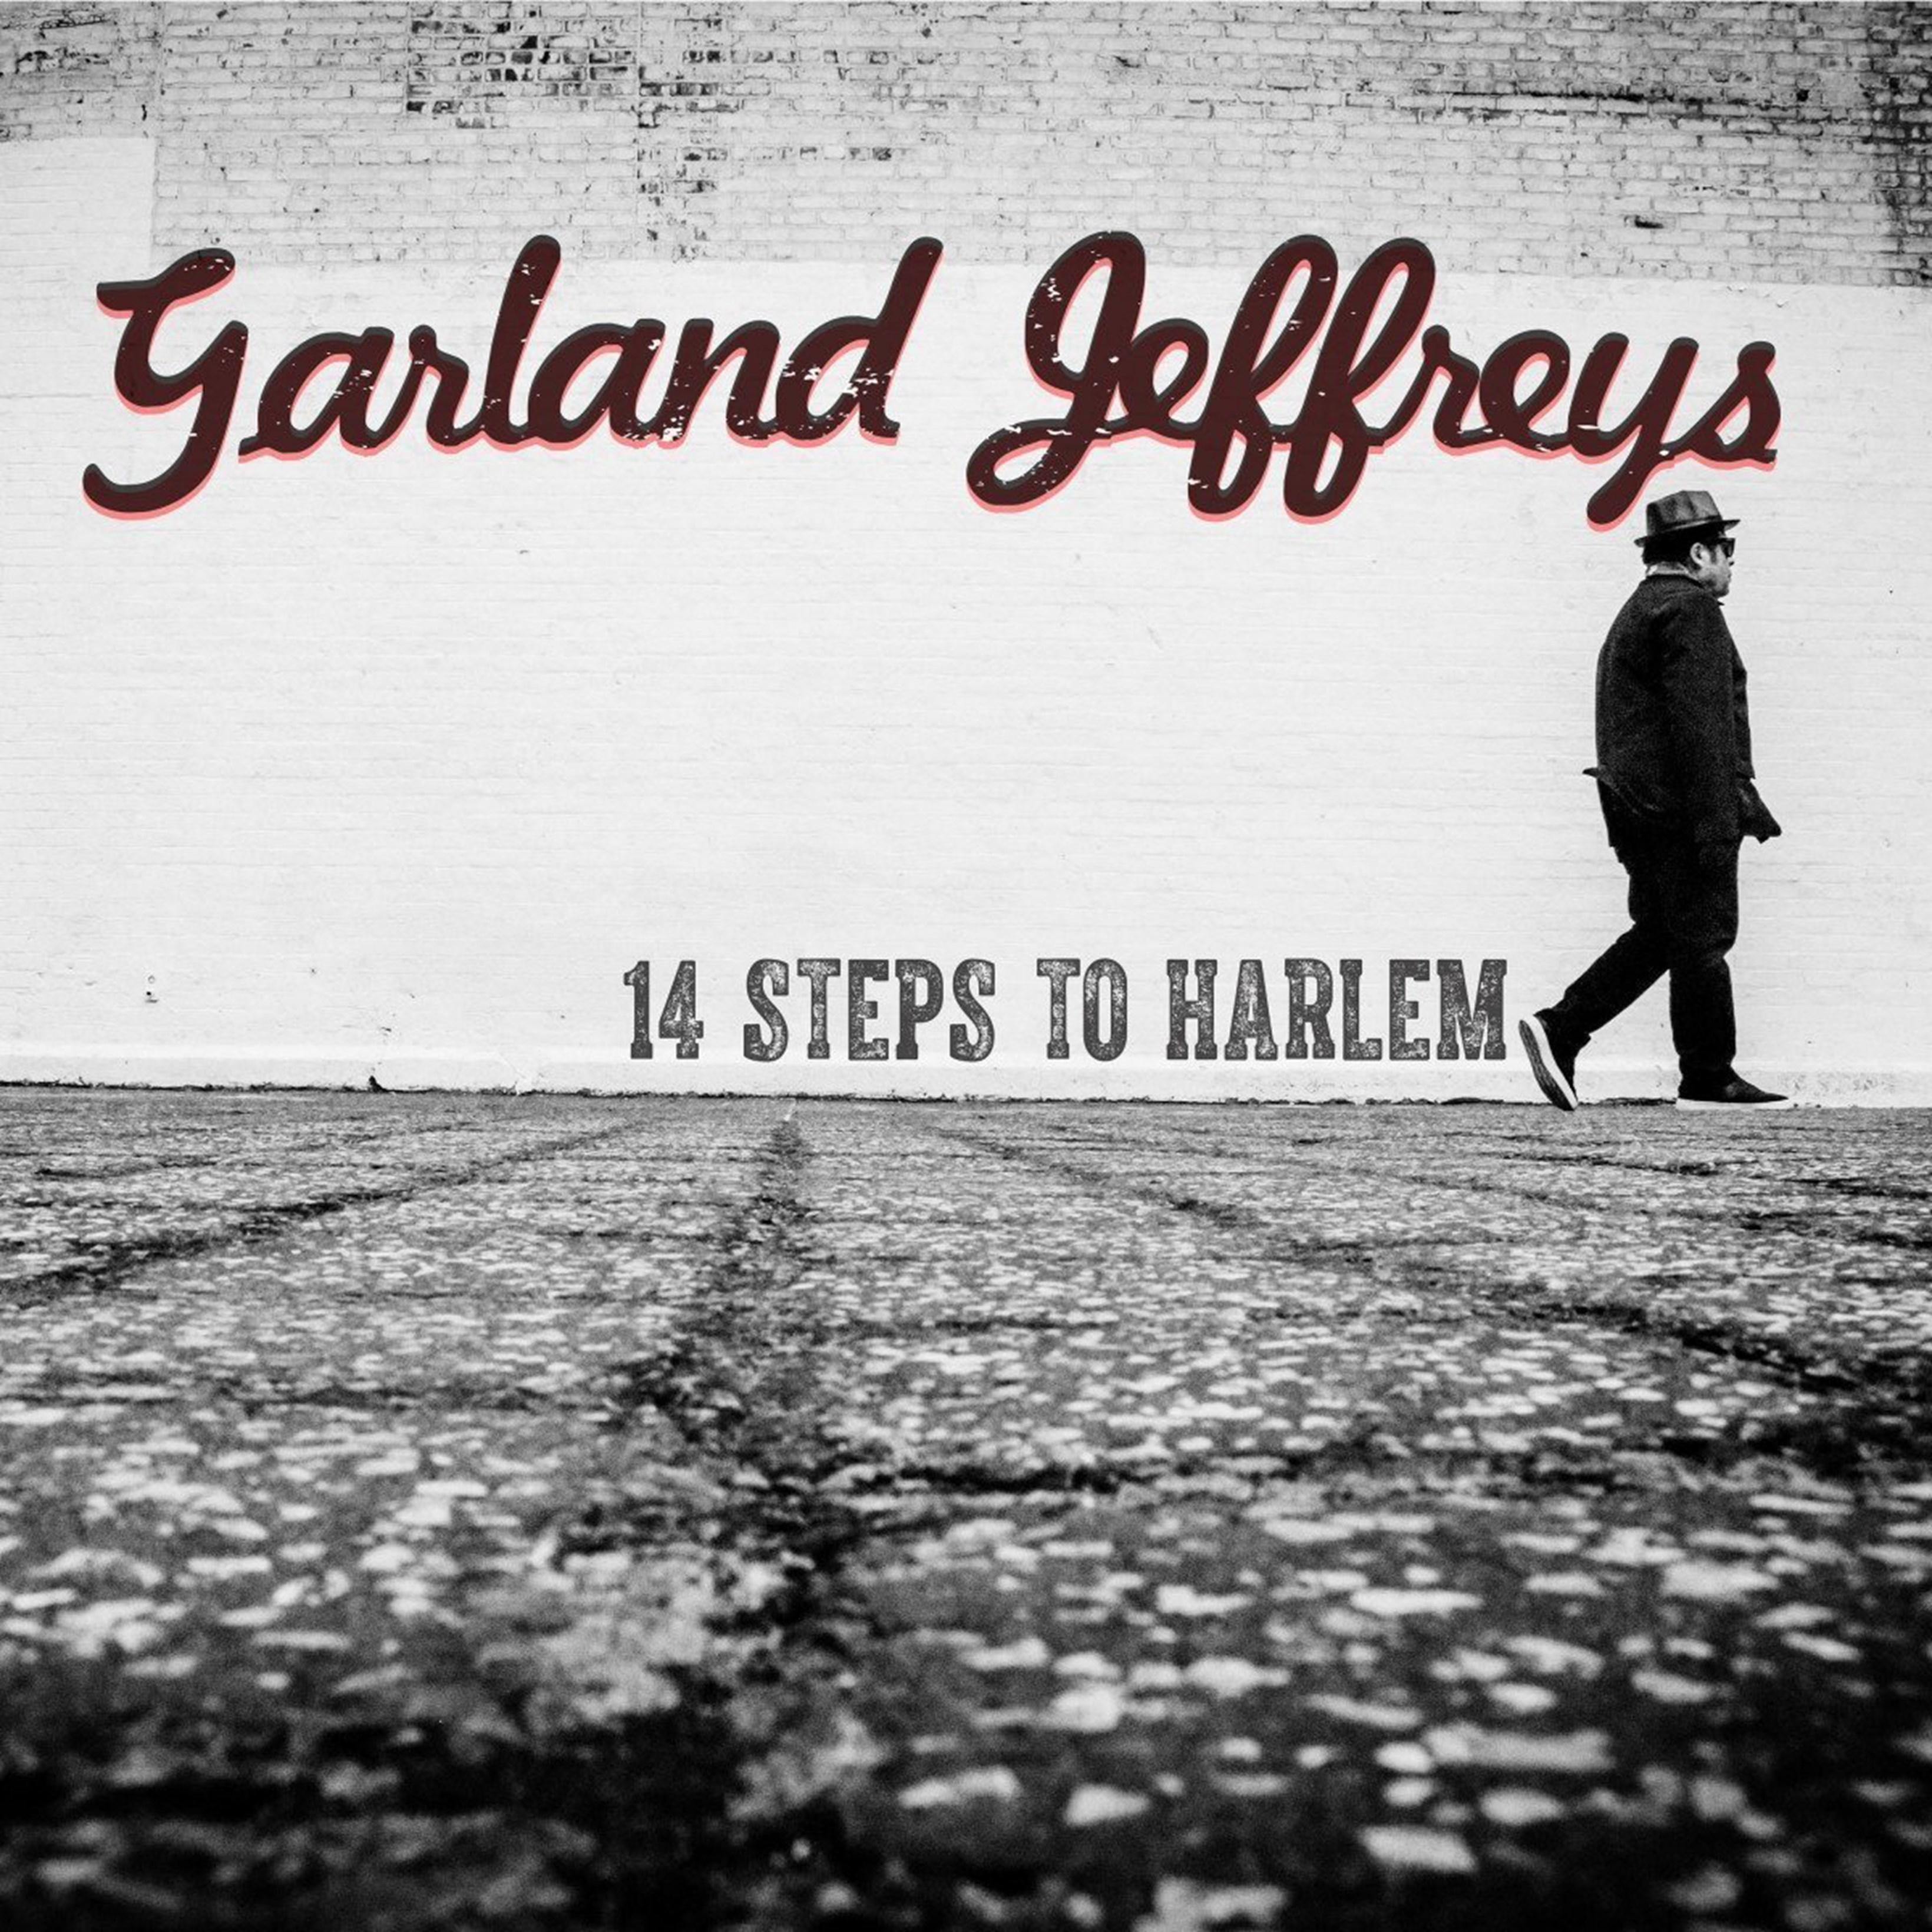 14 Steps to Harlem - 1